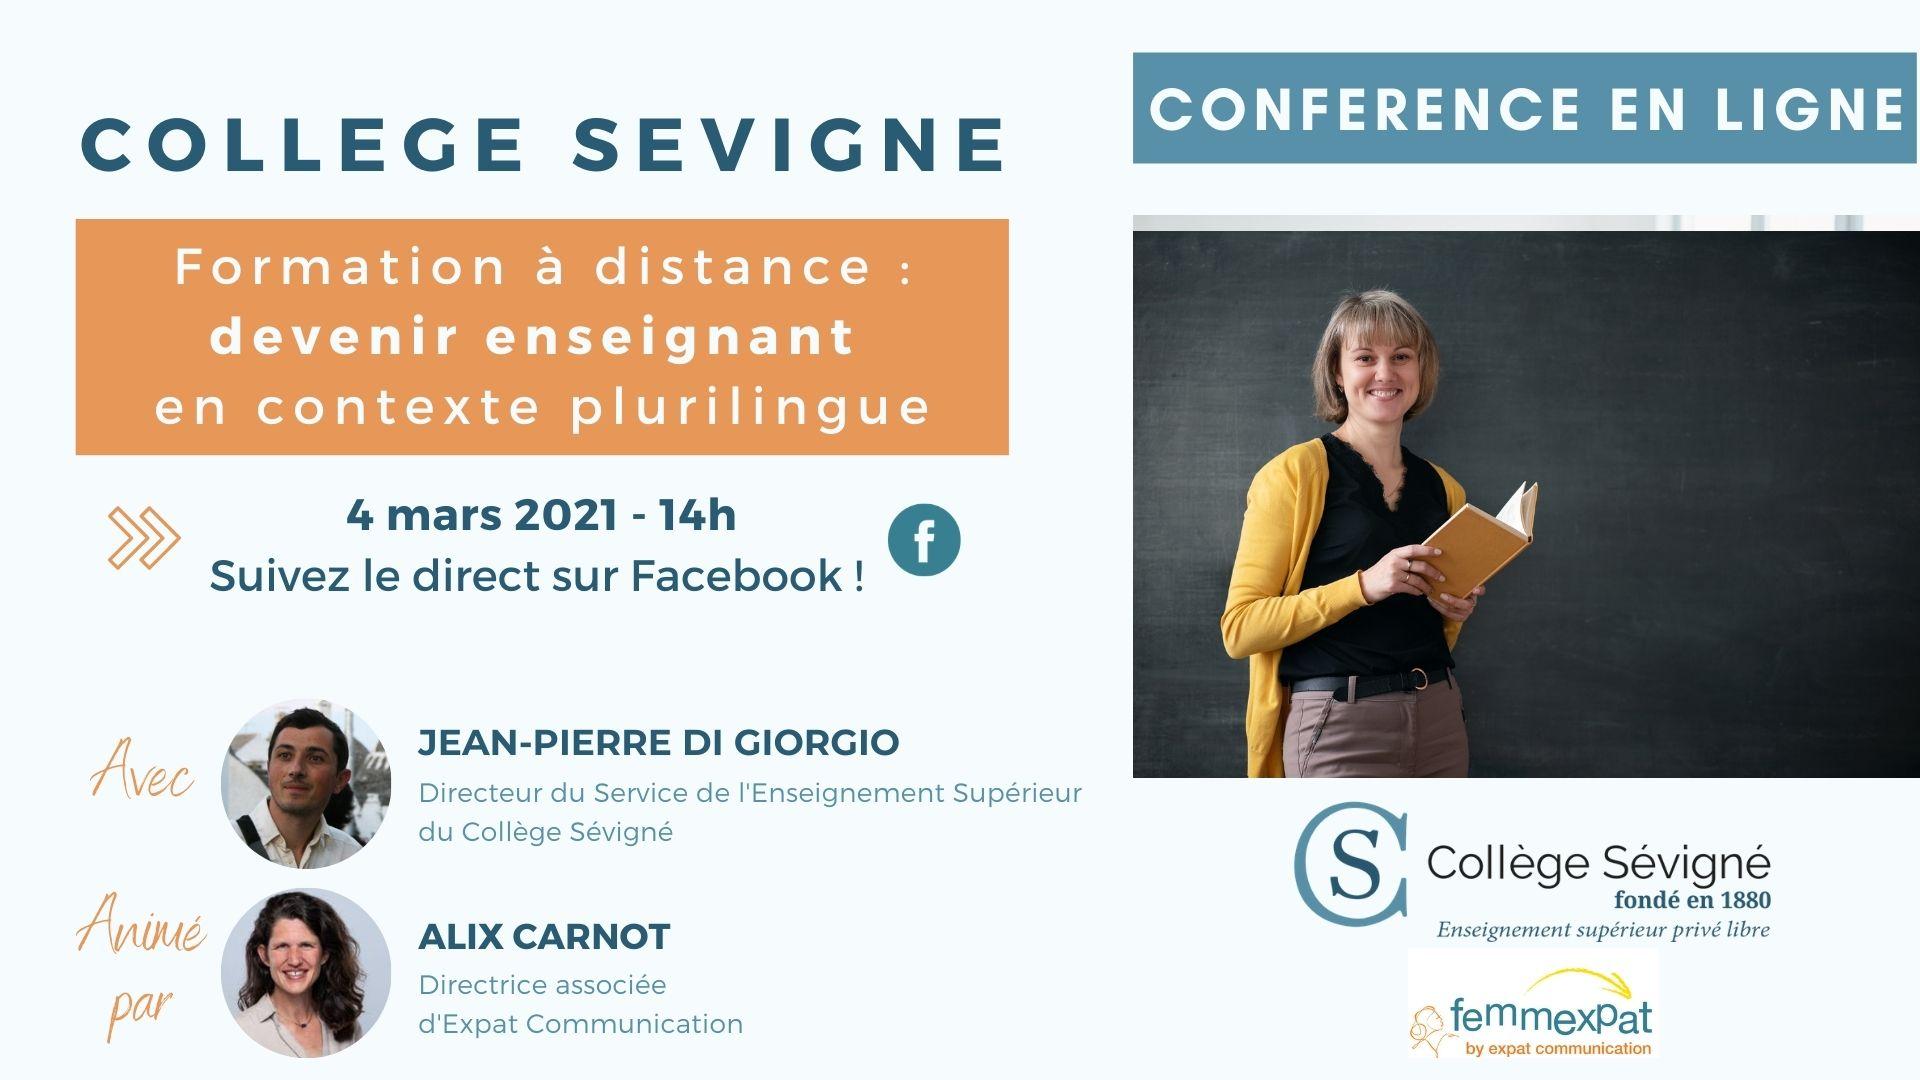 0403 - Conférence Online La formation à distance pour devenir enseignant grâce au Collège Sévigné